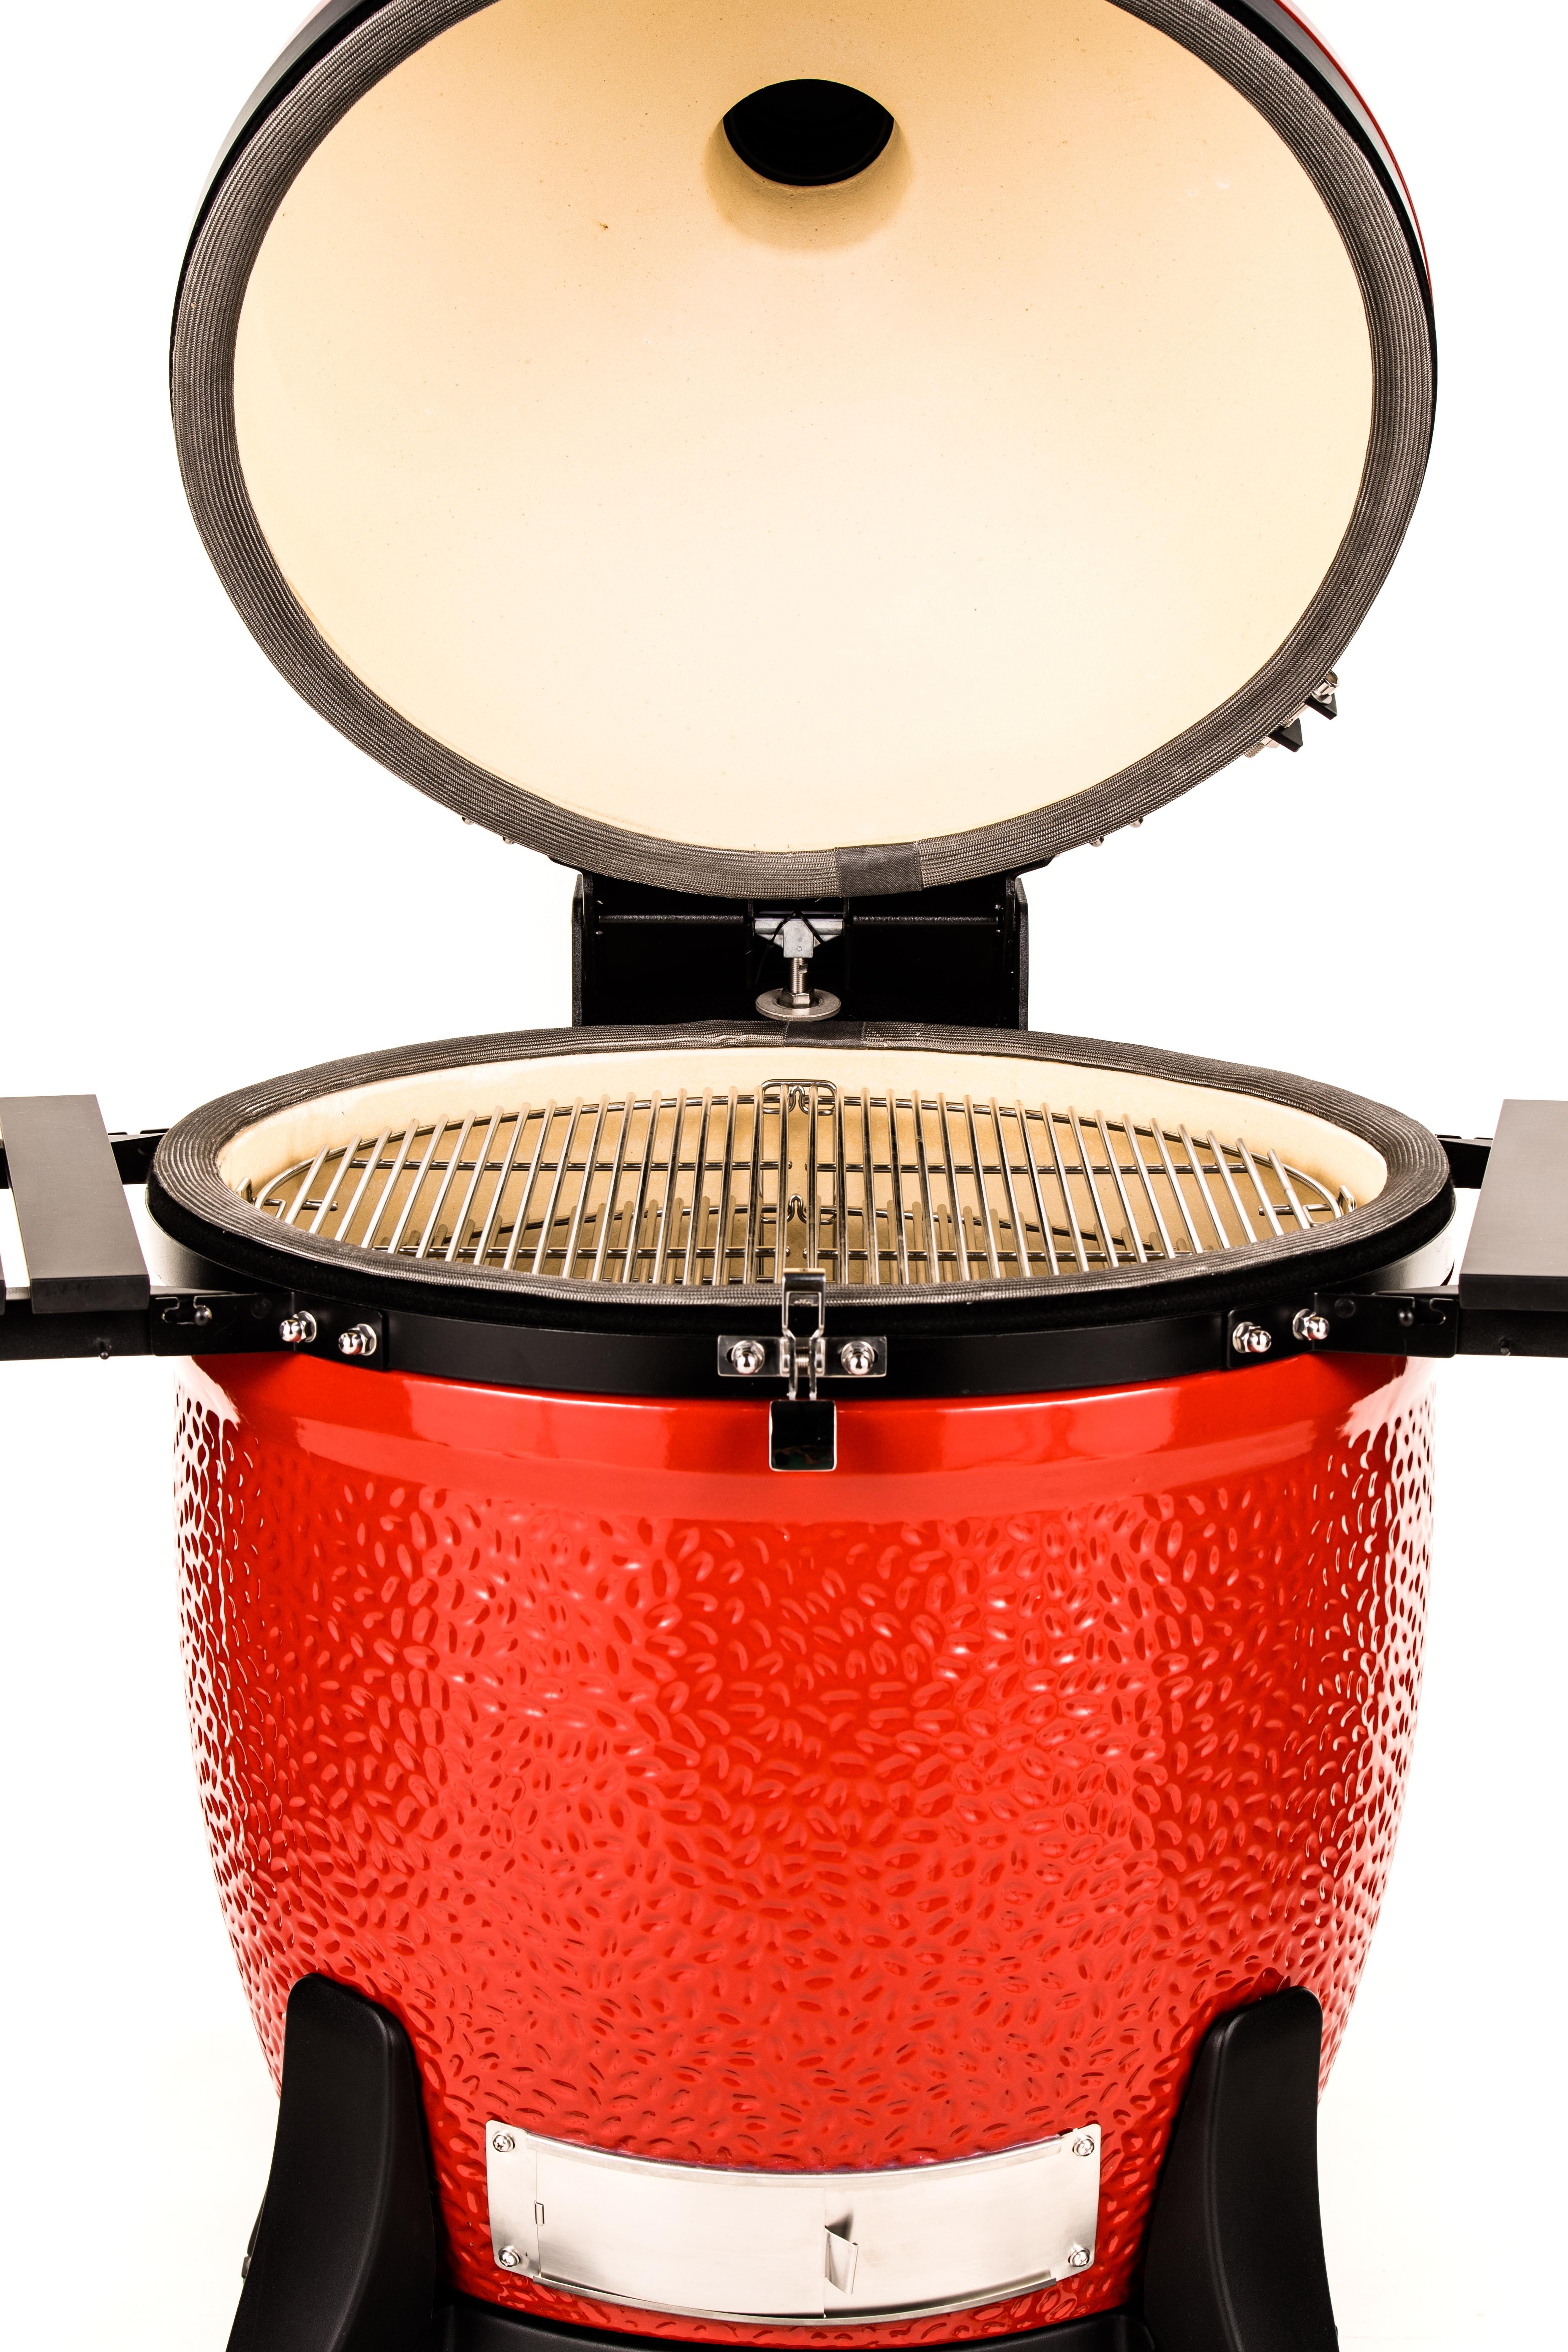 Kamado Joe Big Joe III Keramikgrill - das Grillei mit Pfiff Bild 1